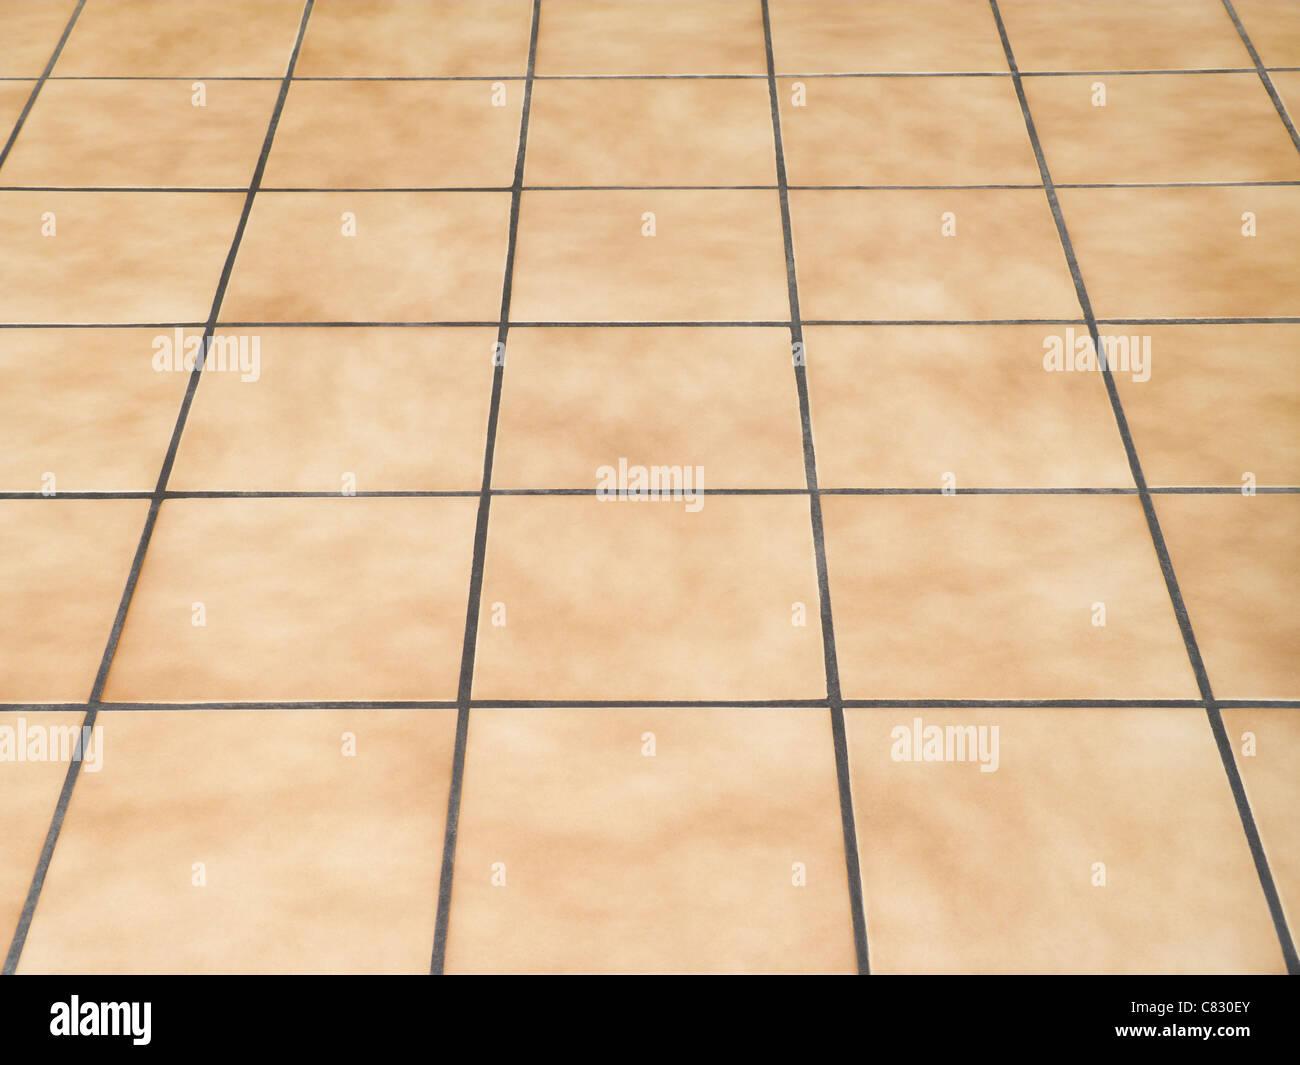 Piastrelle da pavimento foto immagine stock  alamy